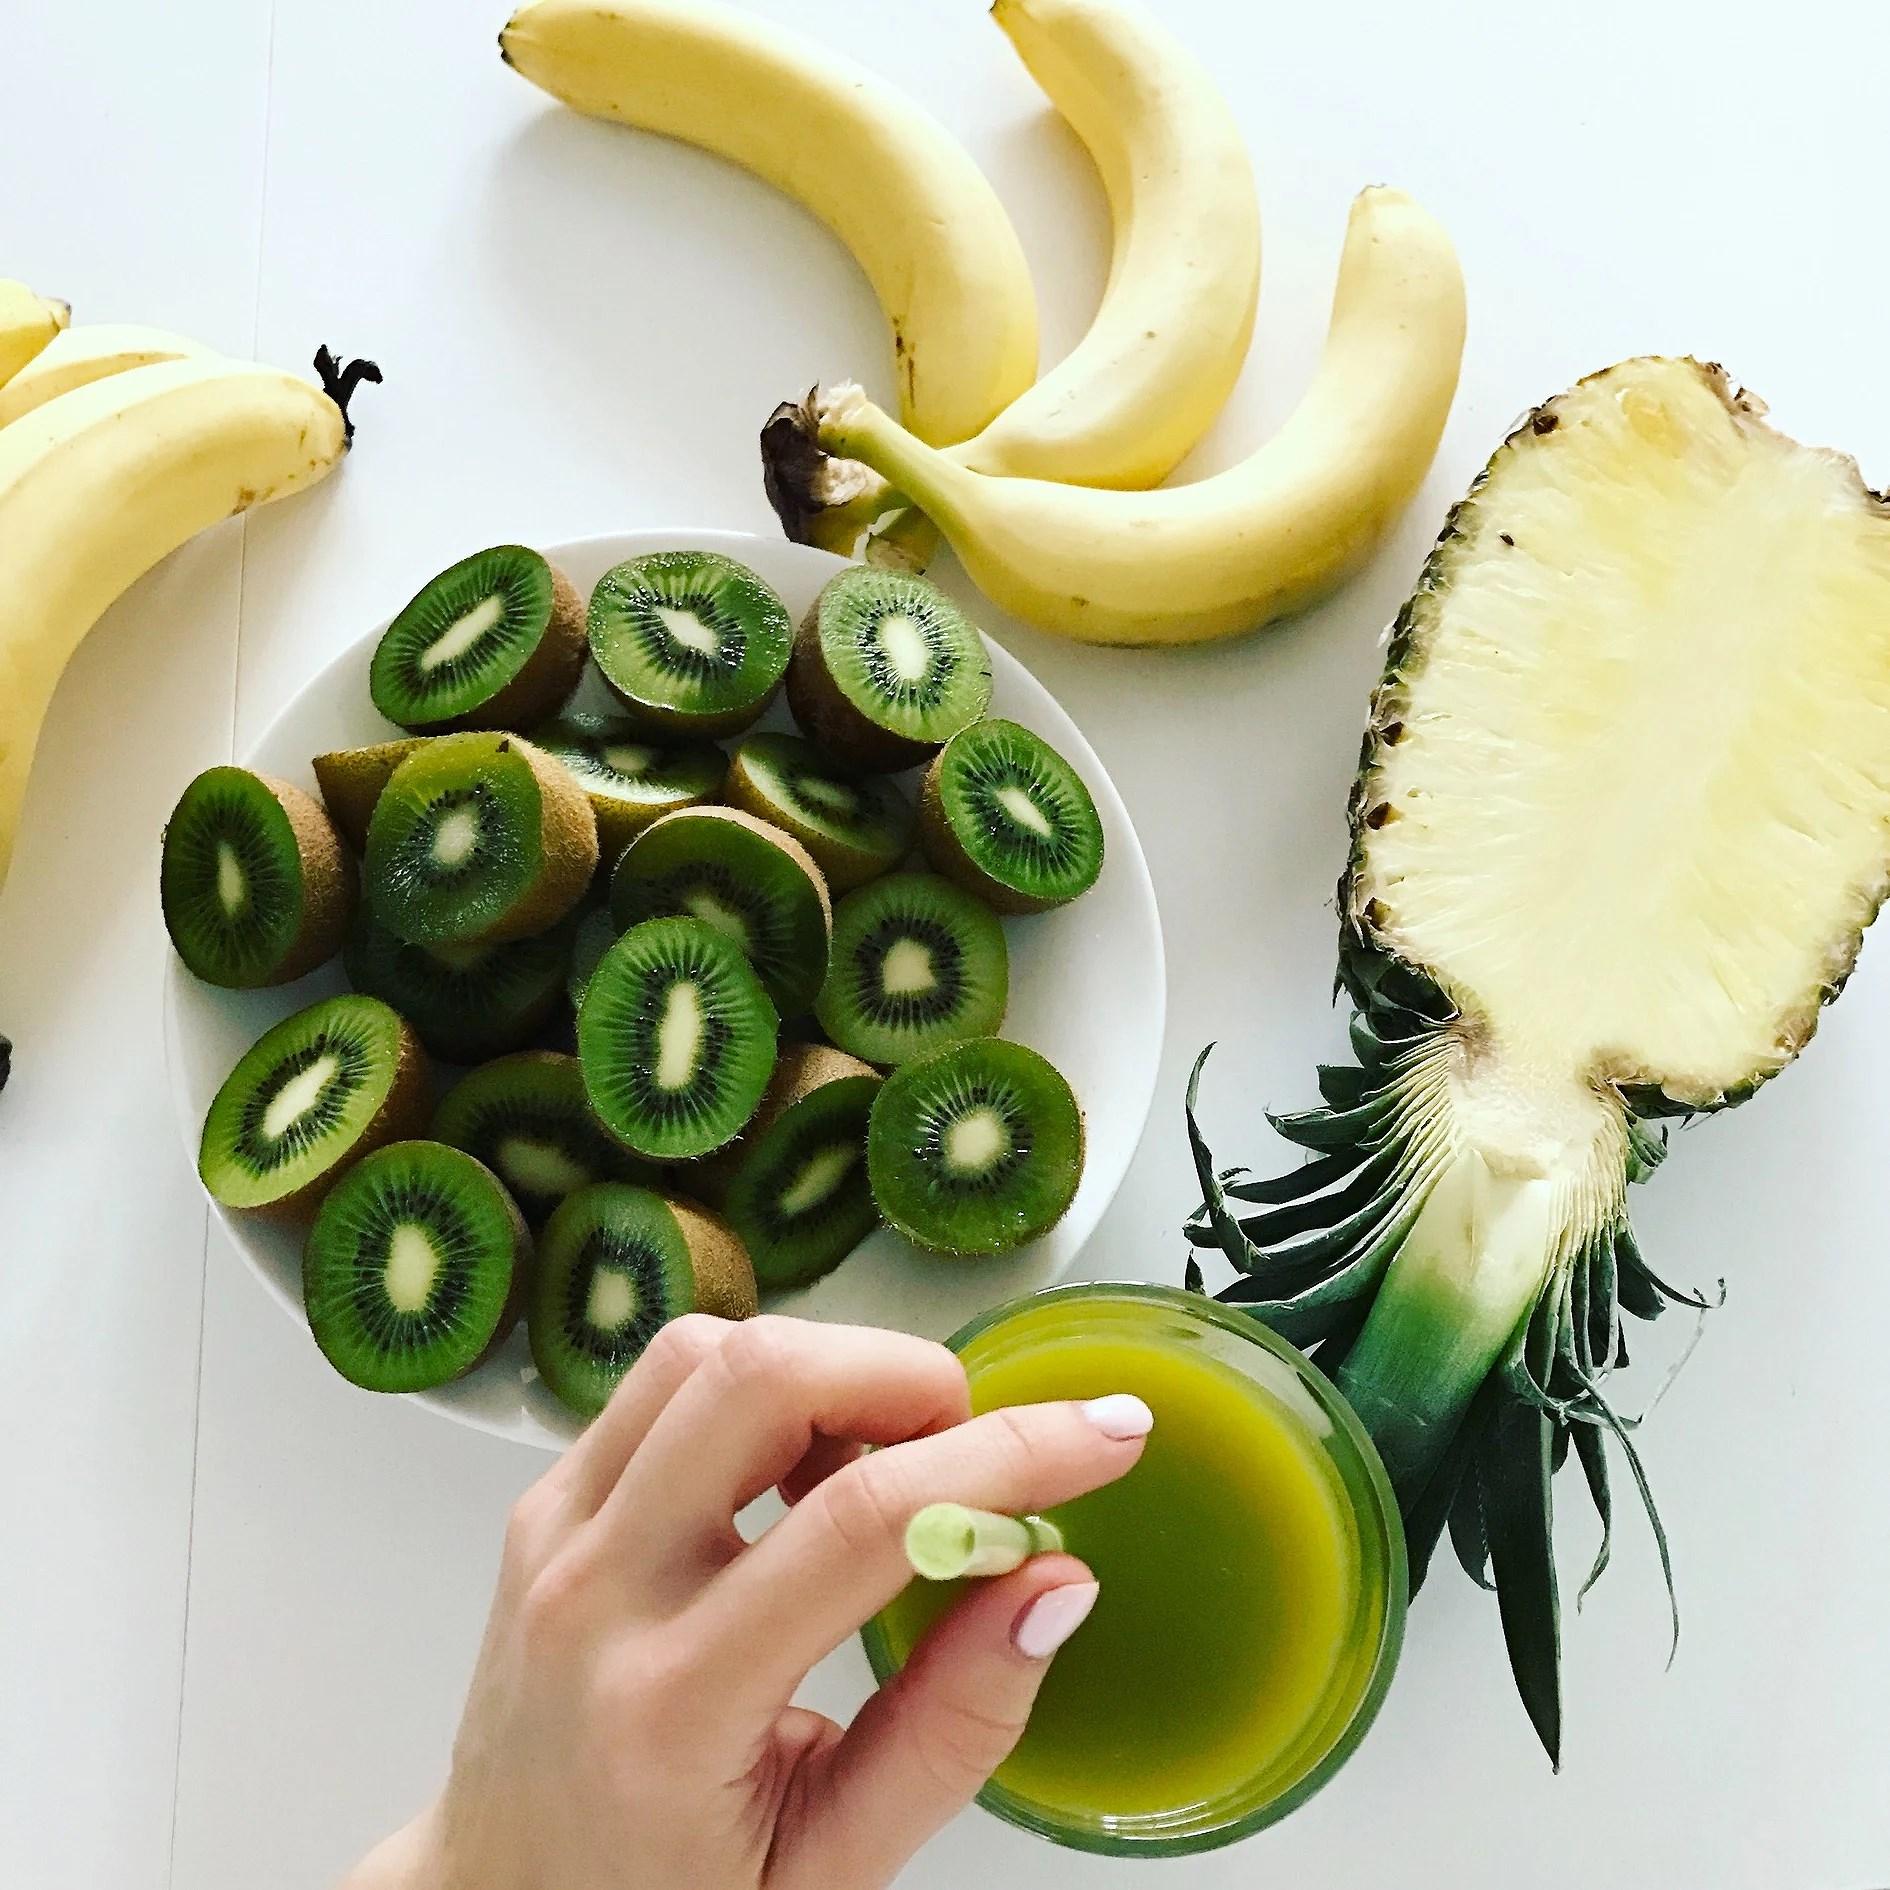 Mój ulubiony zielony koktajl odchudzający!